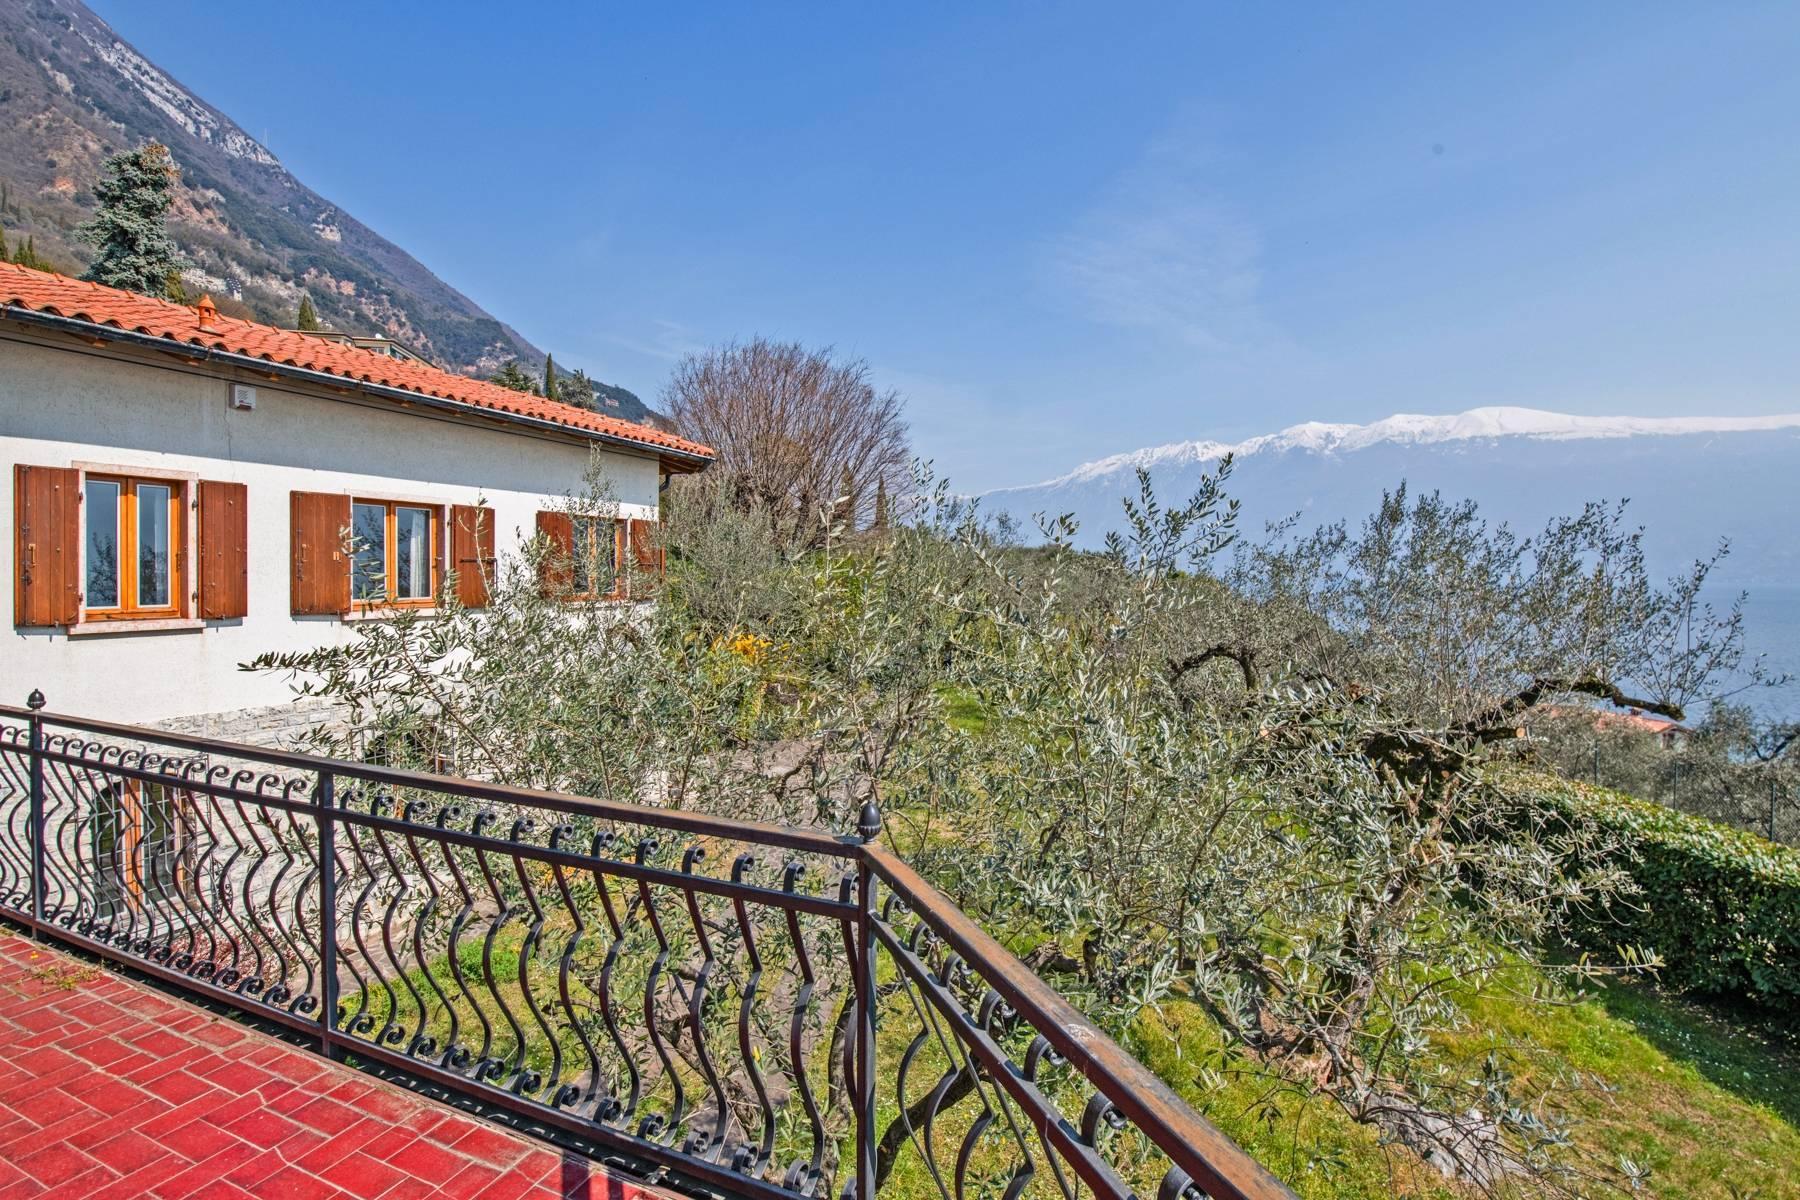 Villa in Gargnano inmitten der Olivenbäume vom Gardasee mit herrlichem Seeblick - 35